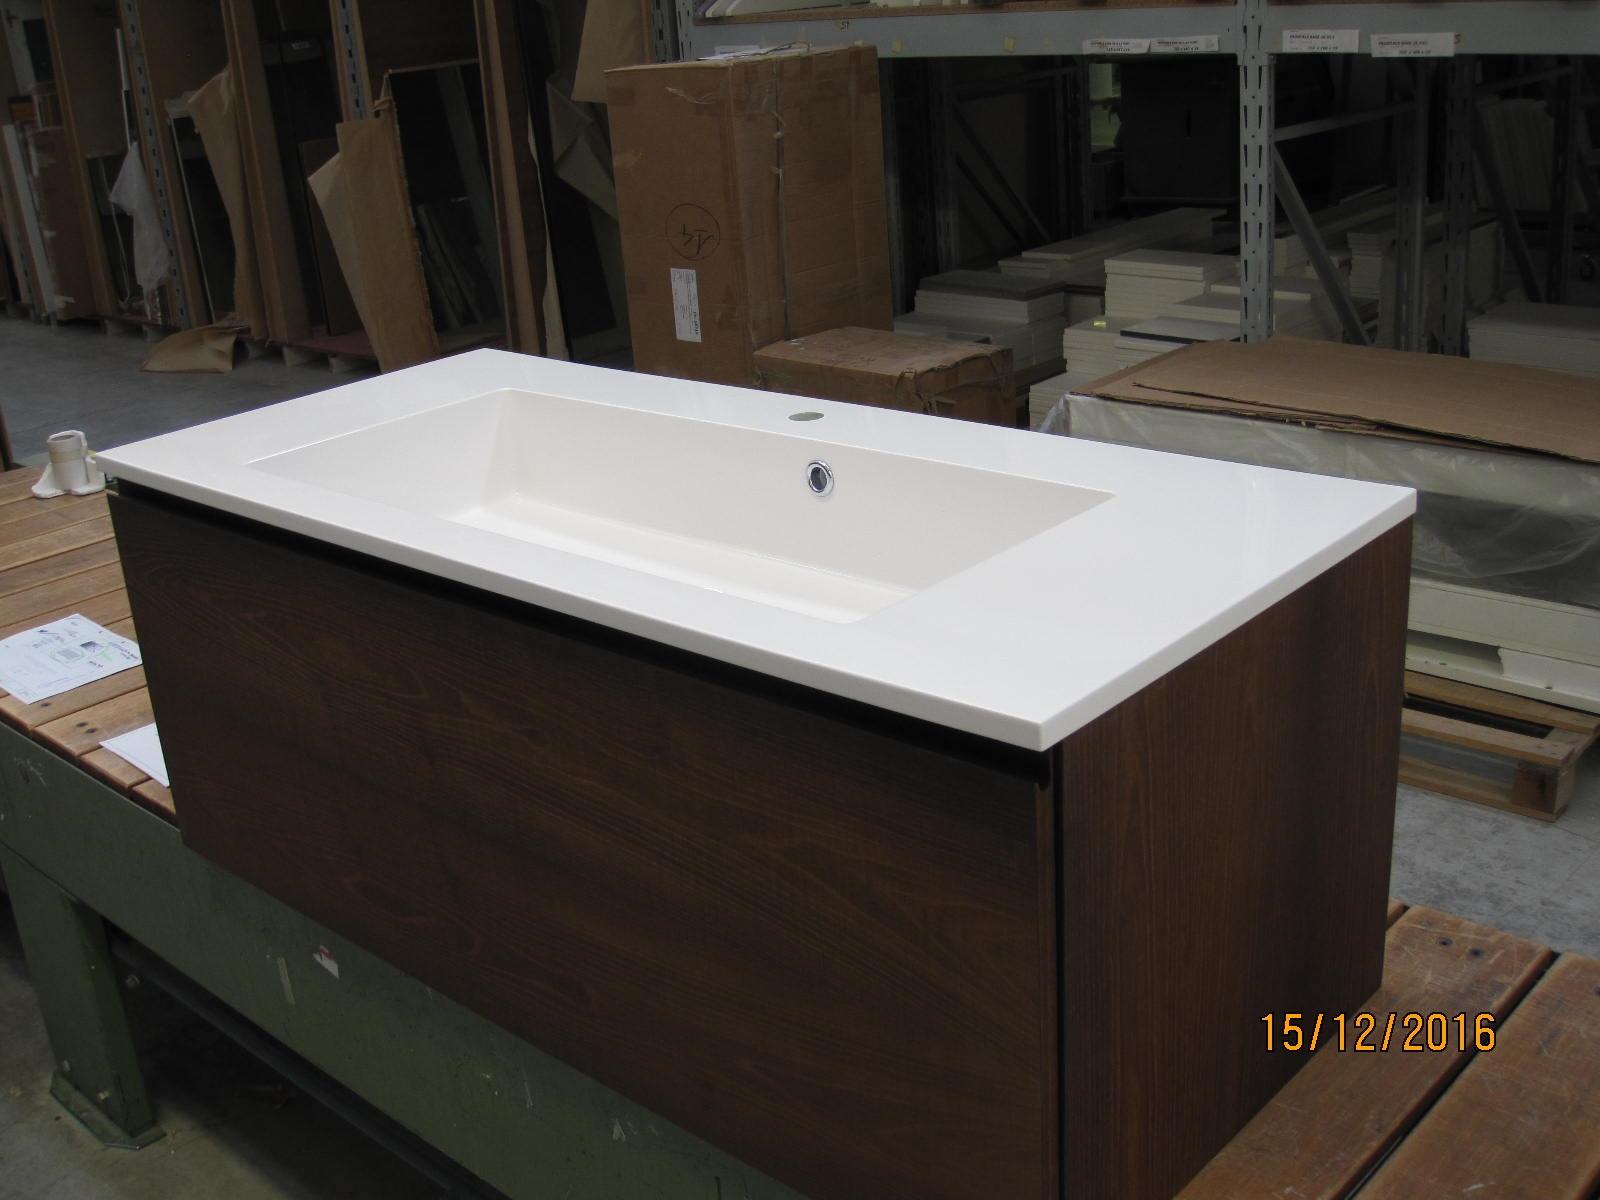 arlex cinquanta2 moderno legno sospeso - arredo bagno a prezzi ... - Arlex Arredo Bagno